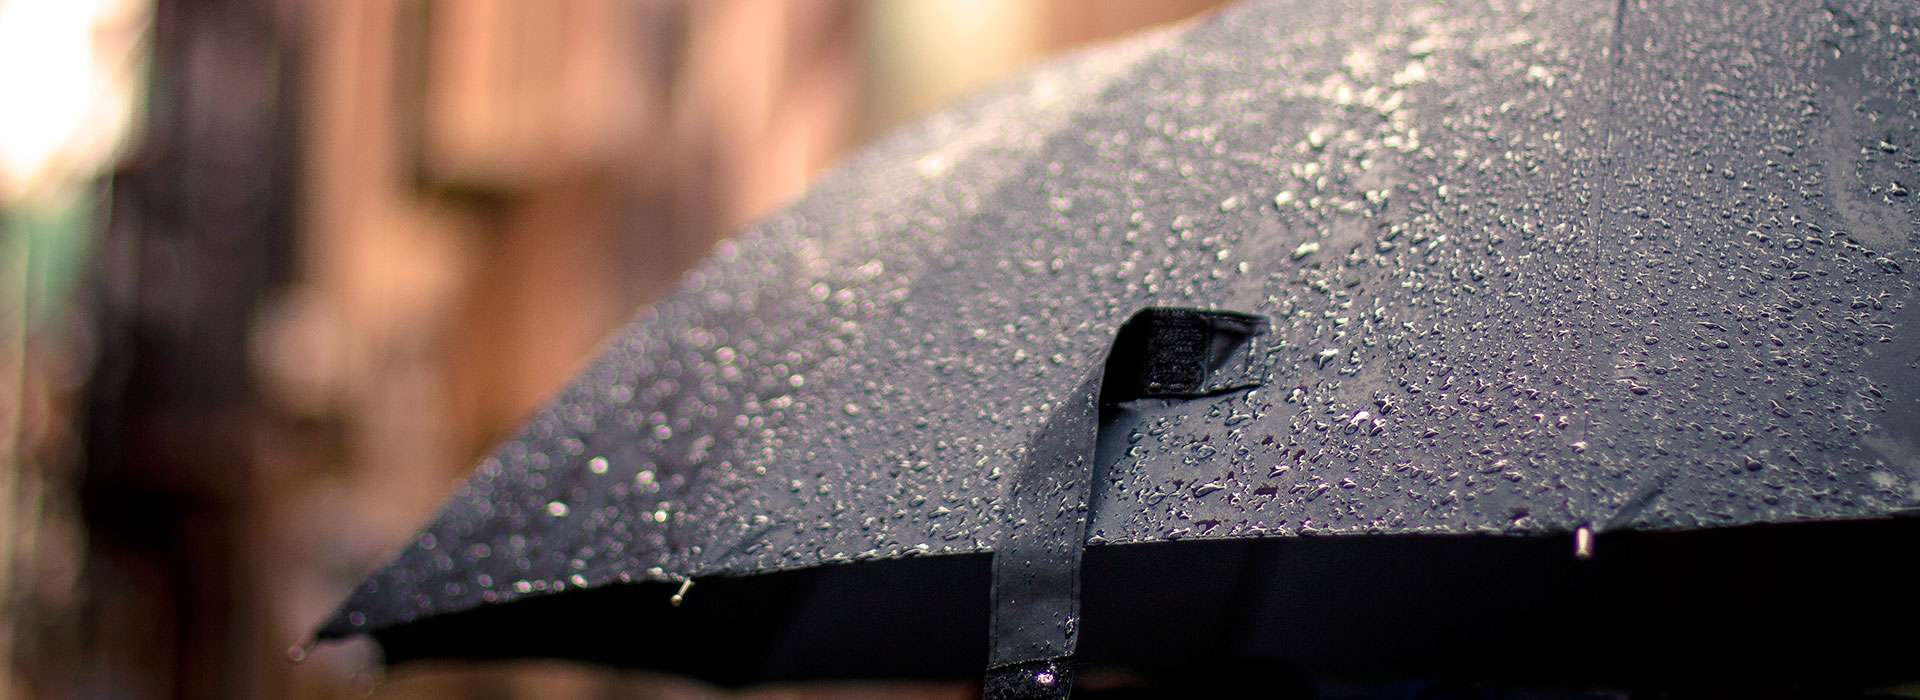 Umbrella Insurance Quote Bonita Springs